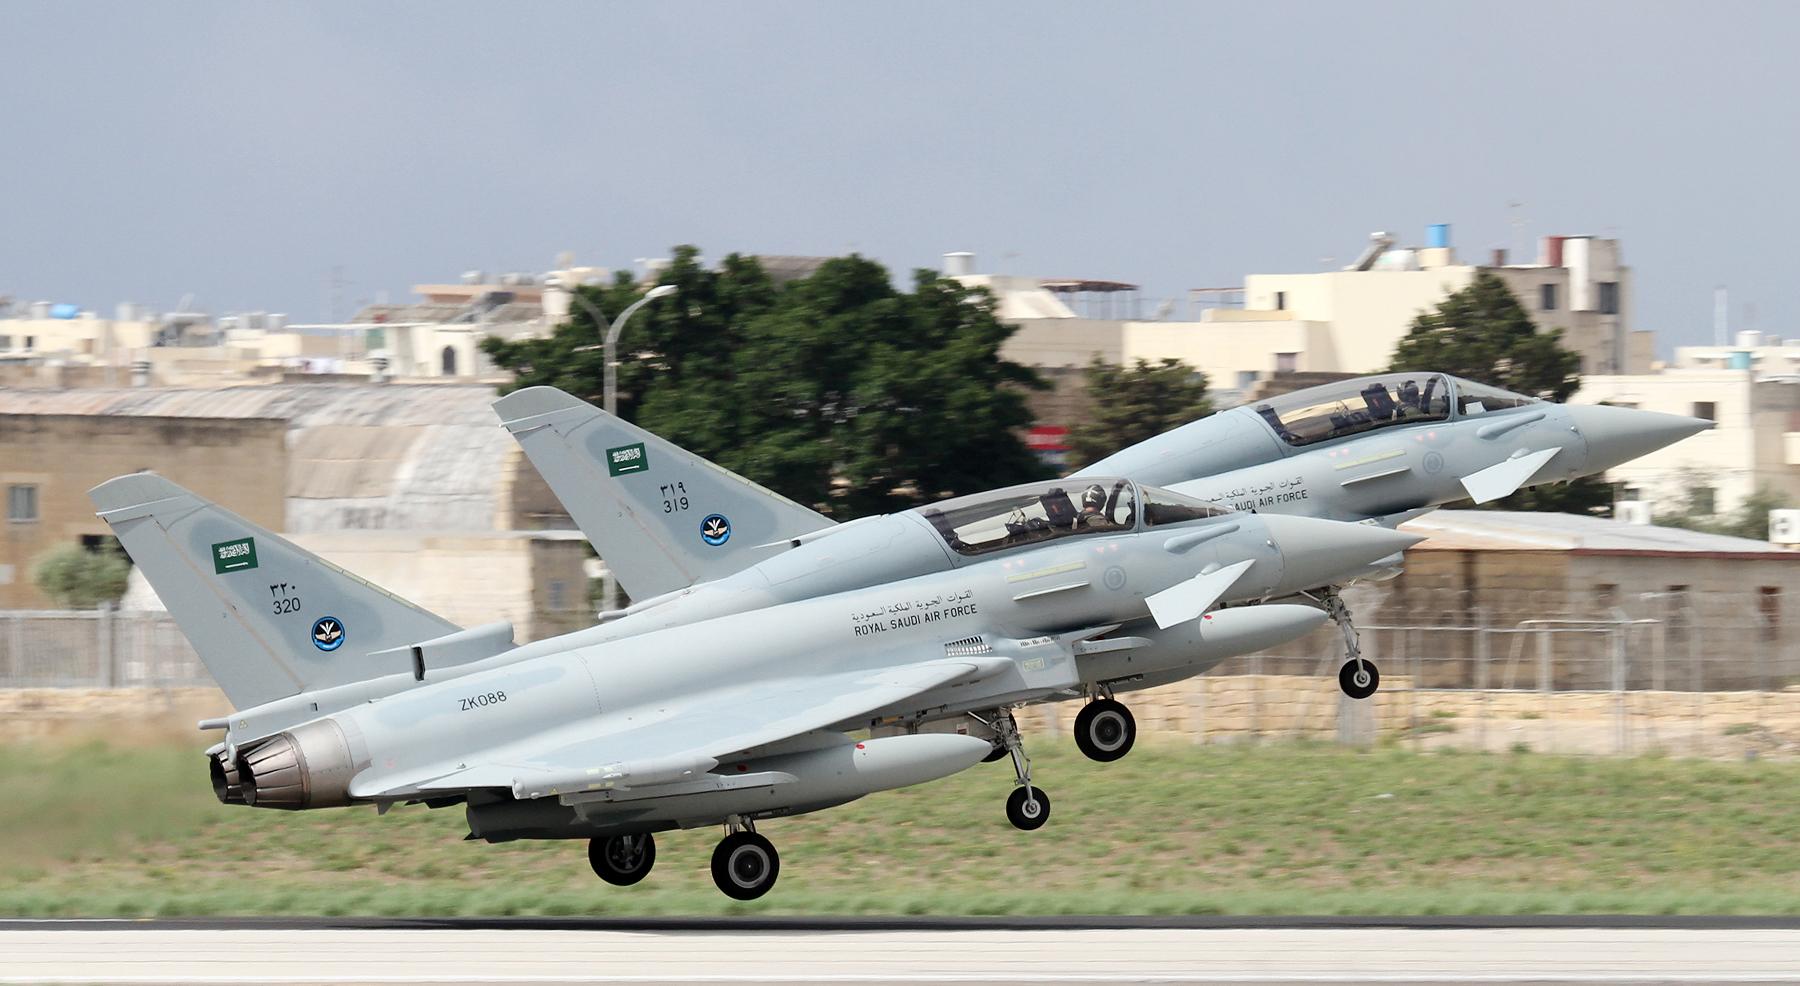 الموسوعه الفوغترافيه لصور القوات الجويه الملكيه السعوديه ( rsaf ) - صفحة 6 Top-RSAF-Typhoons